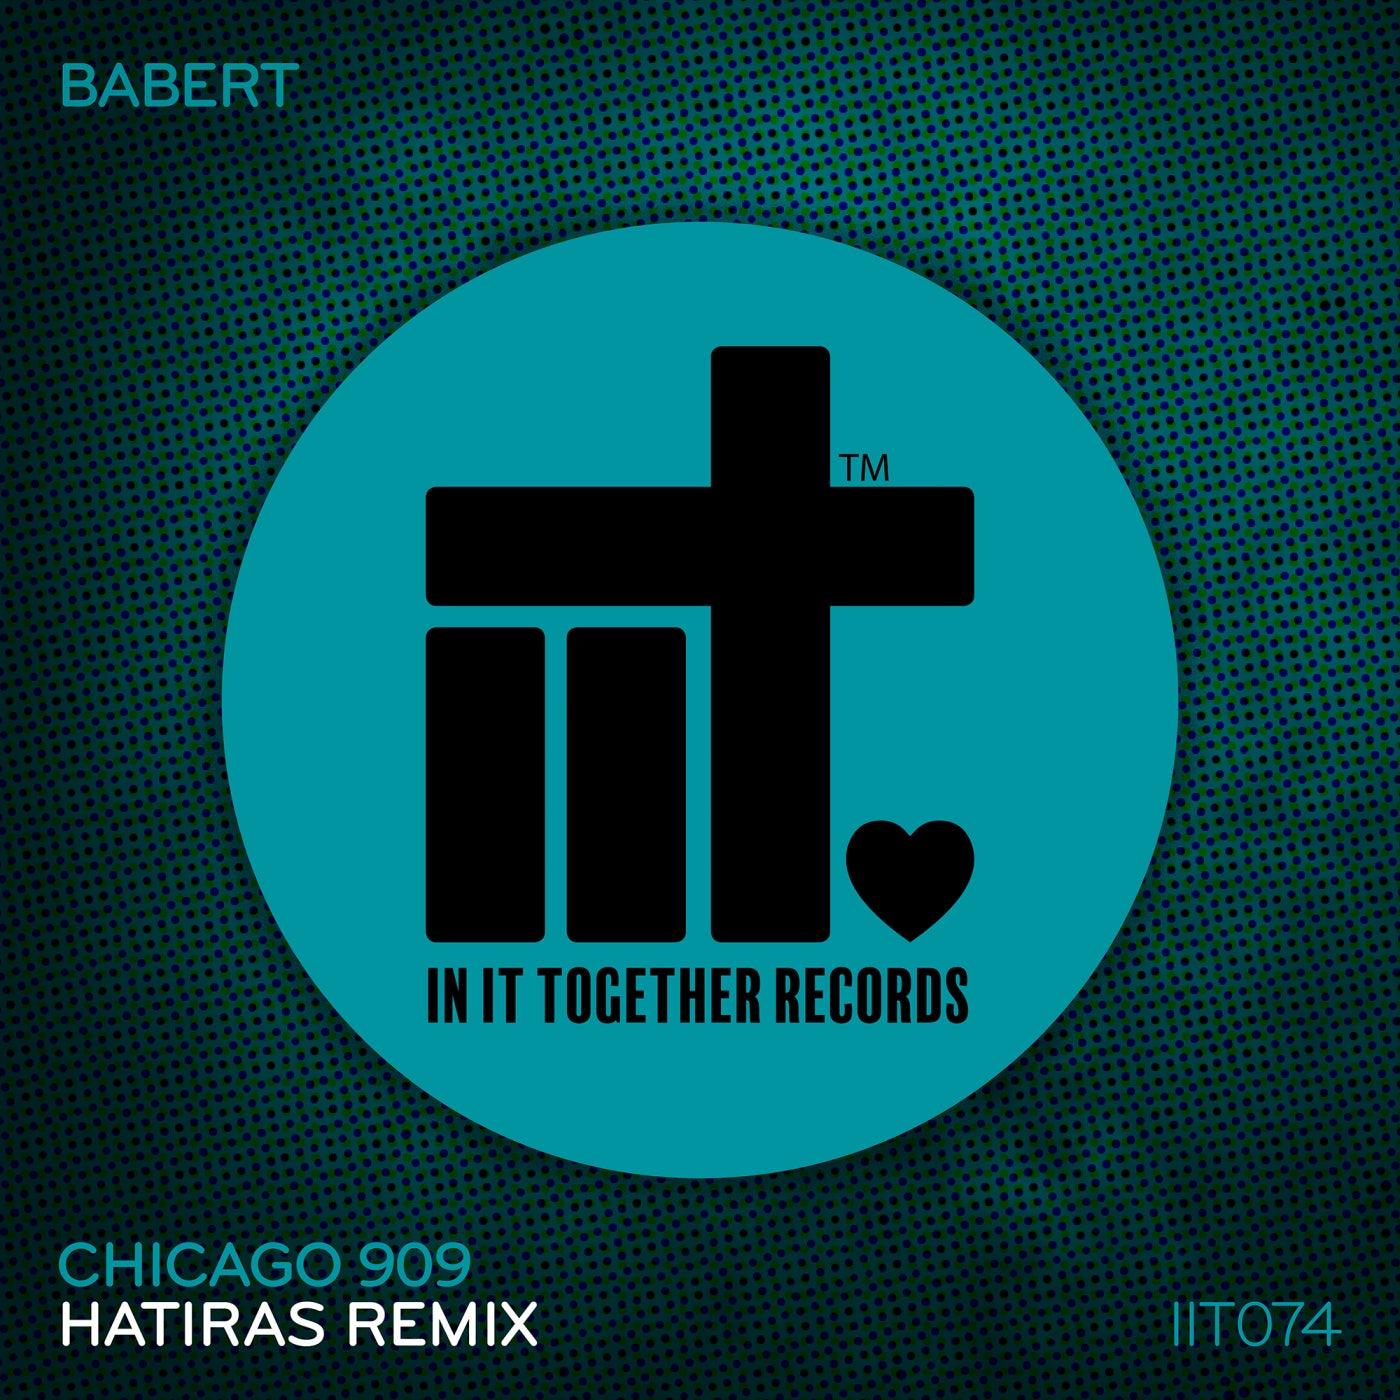 Chicago 909 (Hatiras Remix)